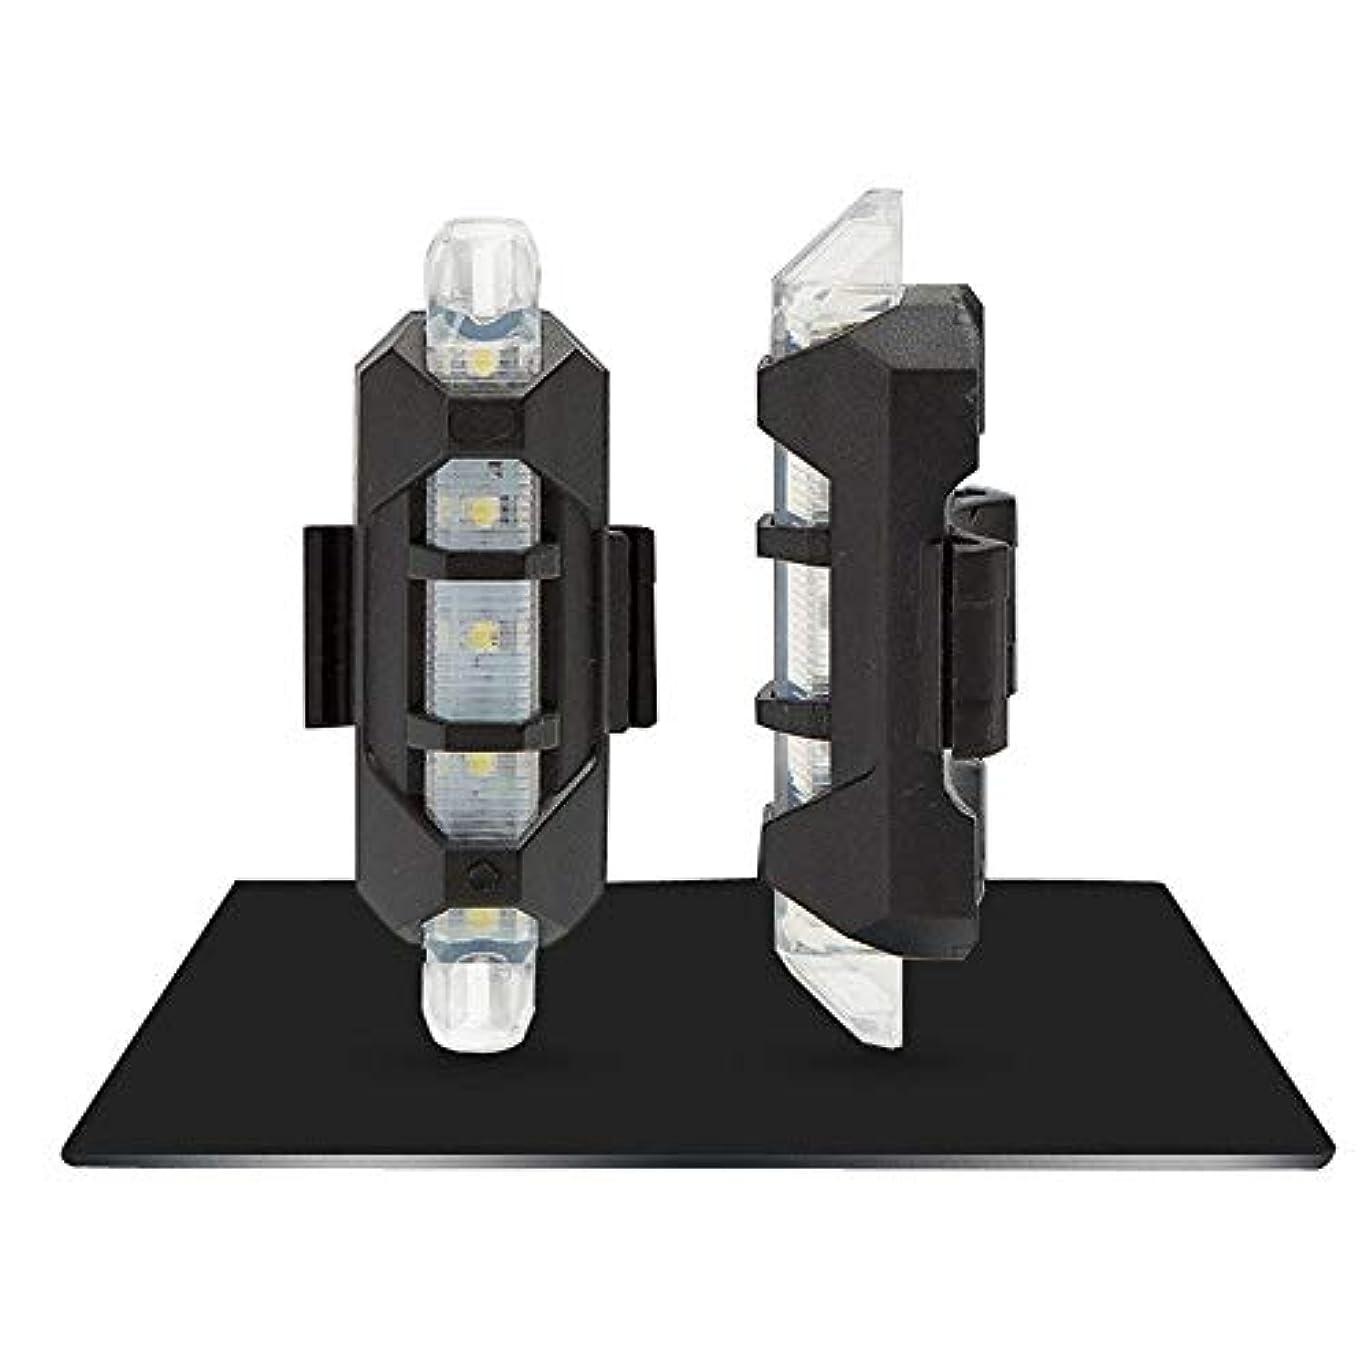 恥ずかしさ筋人工USB充電式自転車ライト USB充電式自転車ライトフロントおよびテールセット5 LED 3モードヘッドバックバイク点滅安全警告ランプ(1 PC) (Color : WHITE)